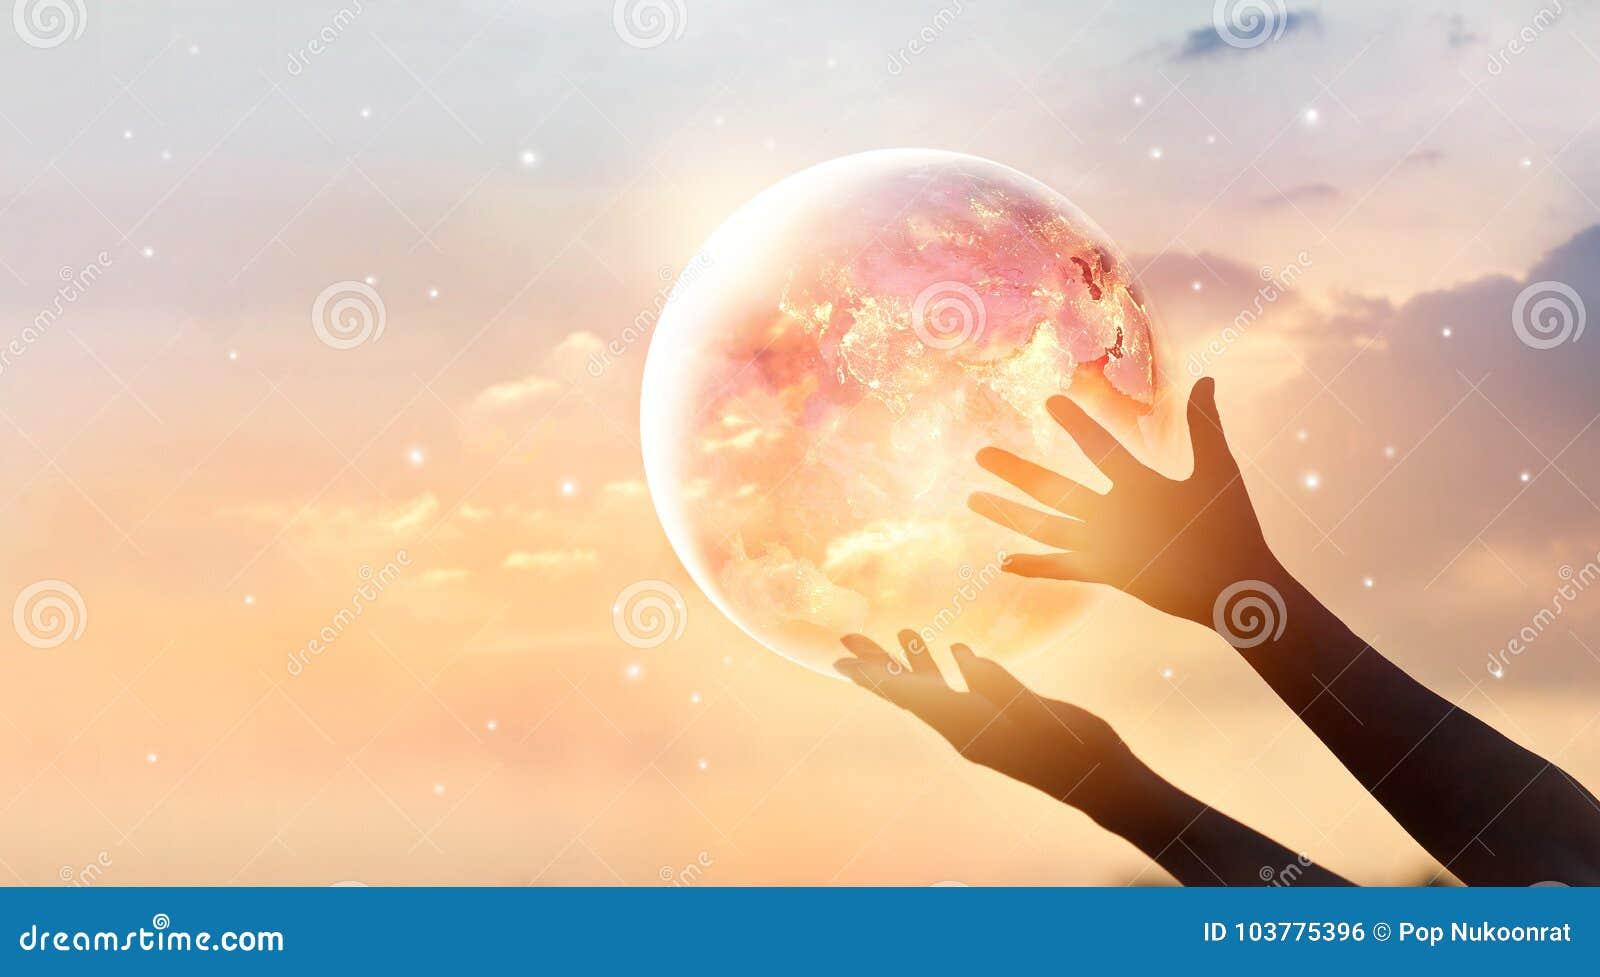 Sparen de campagne van de wereldenergie De aarde op menselijke handen toont